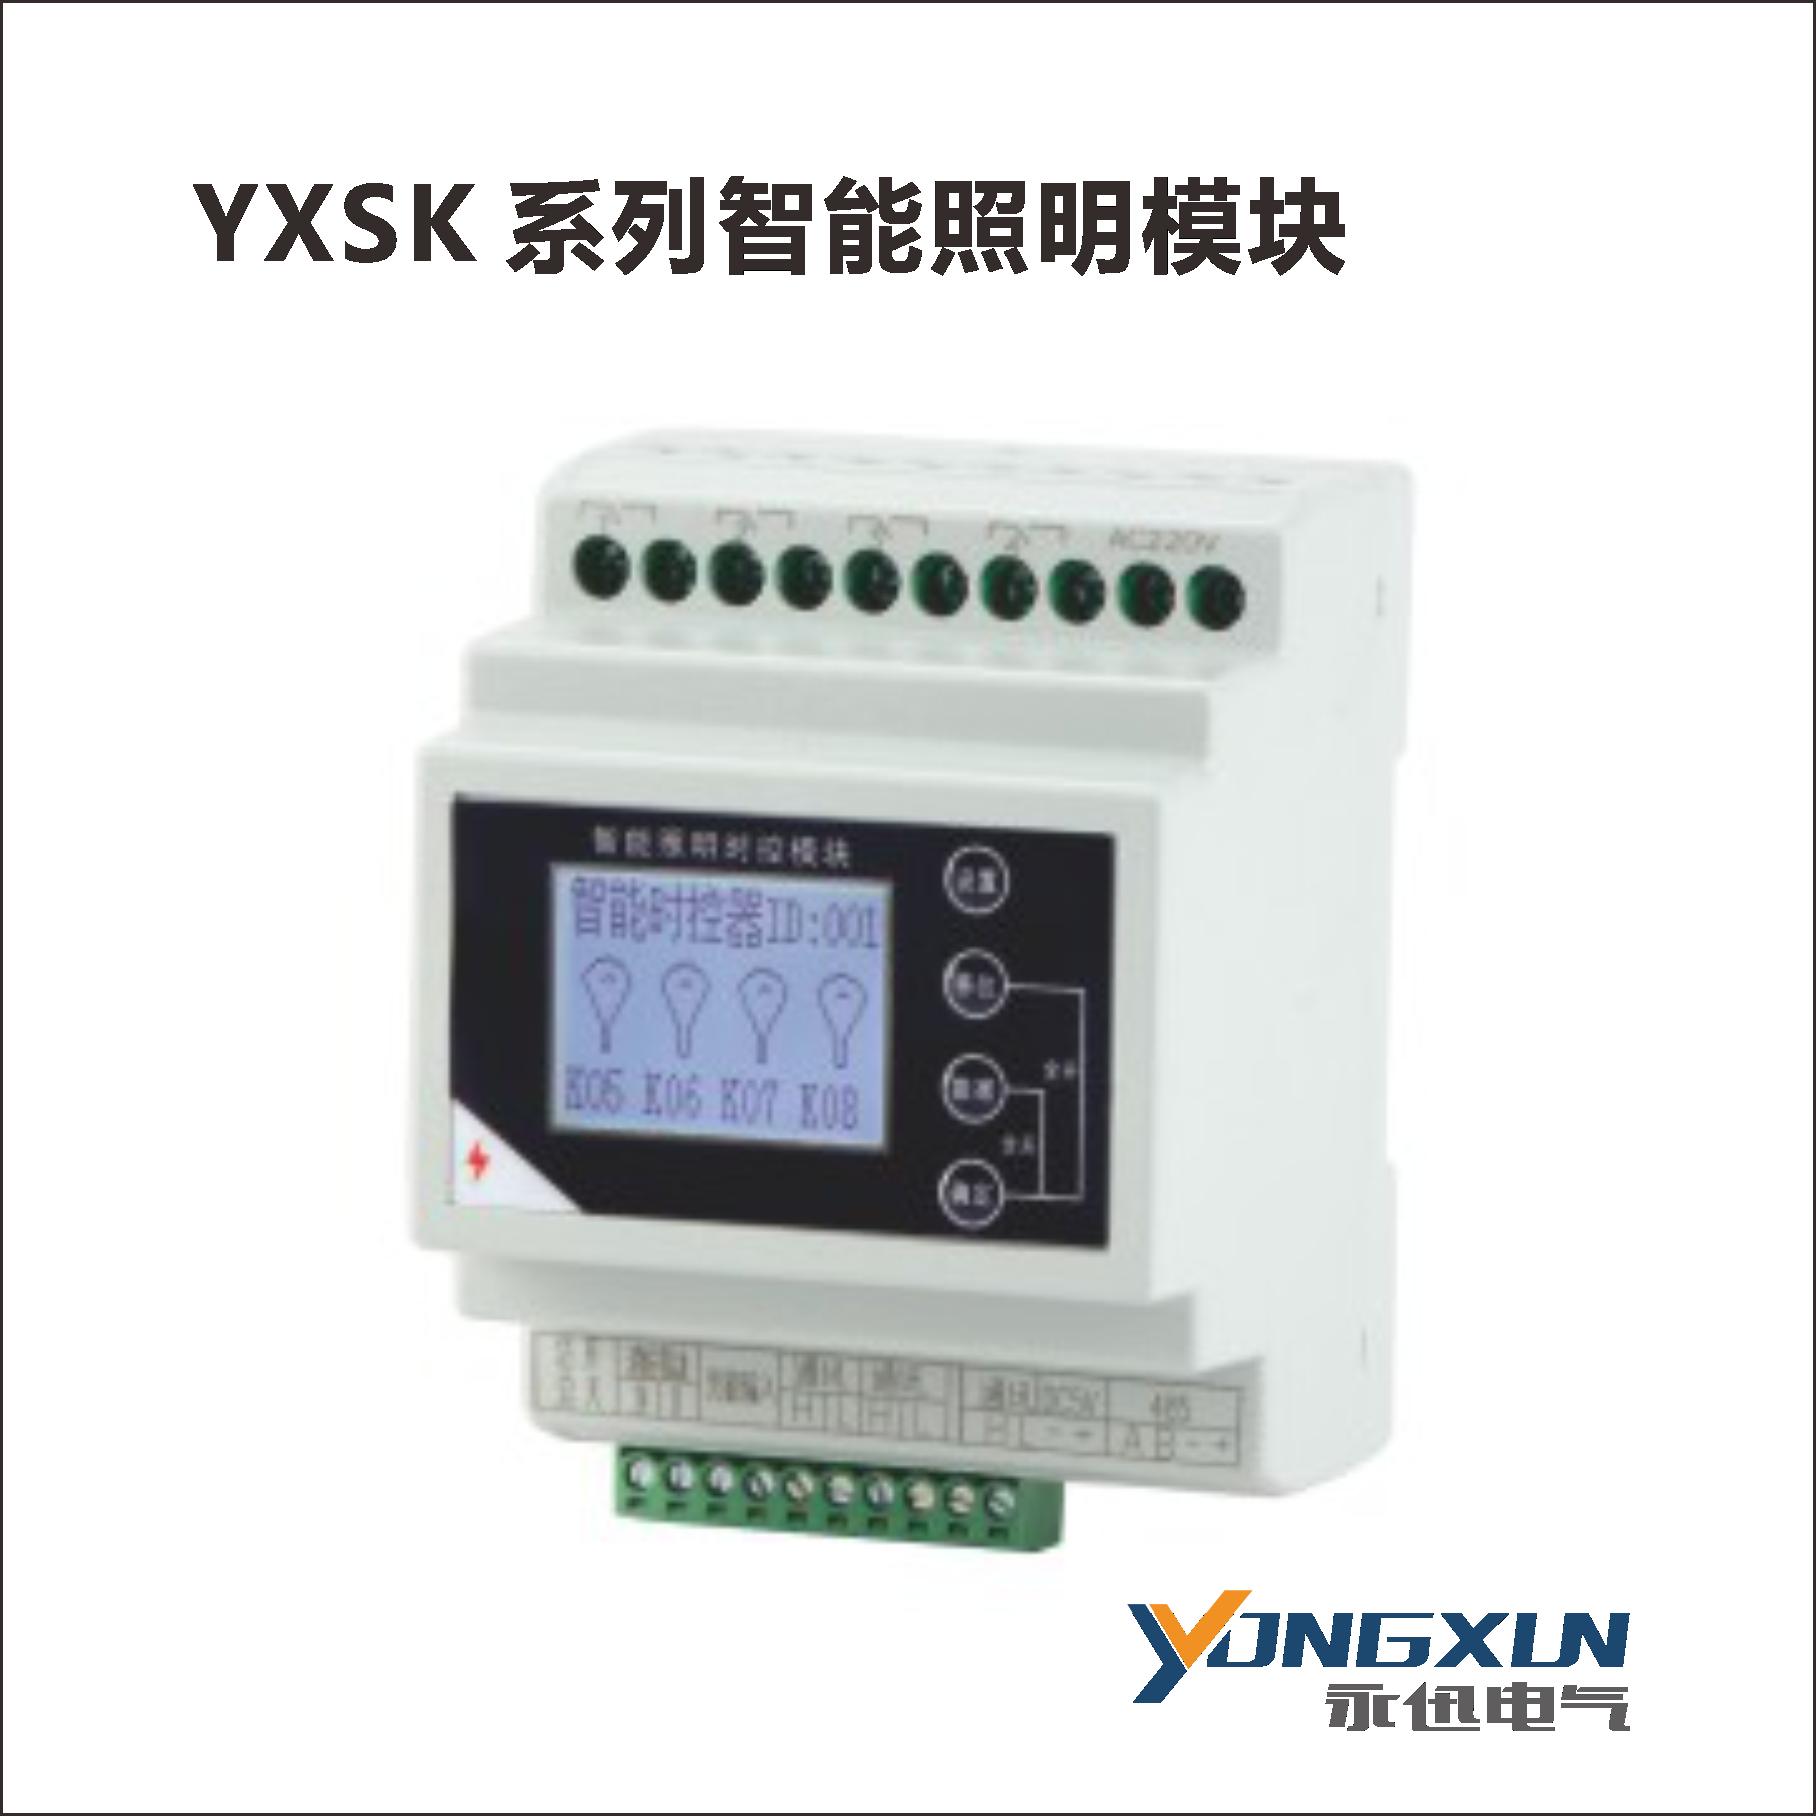 YXSK系列智能照明模块